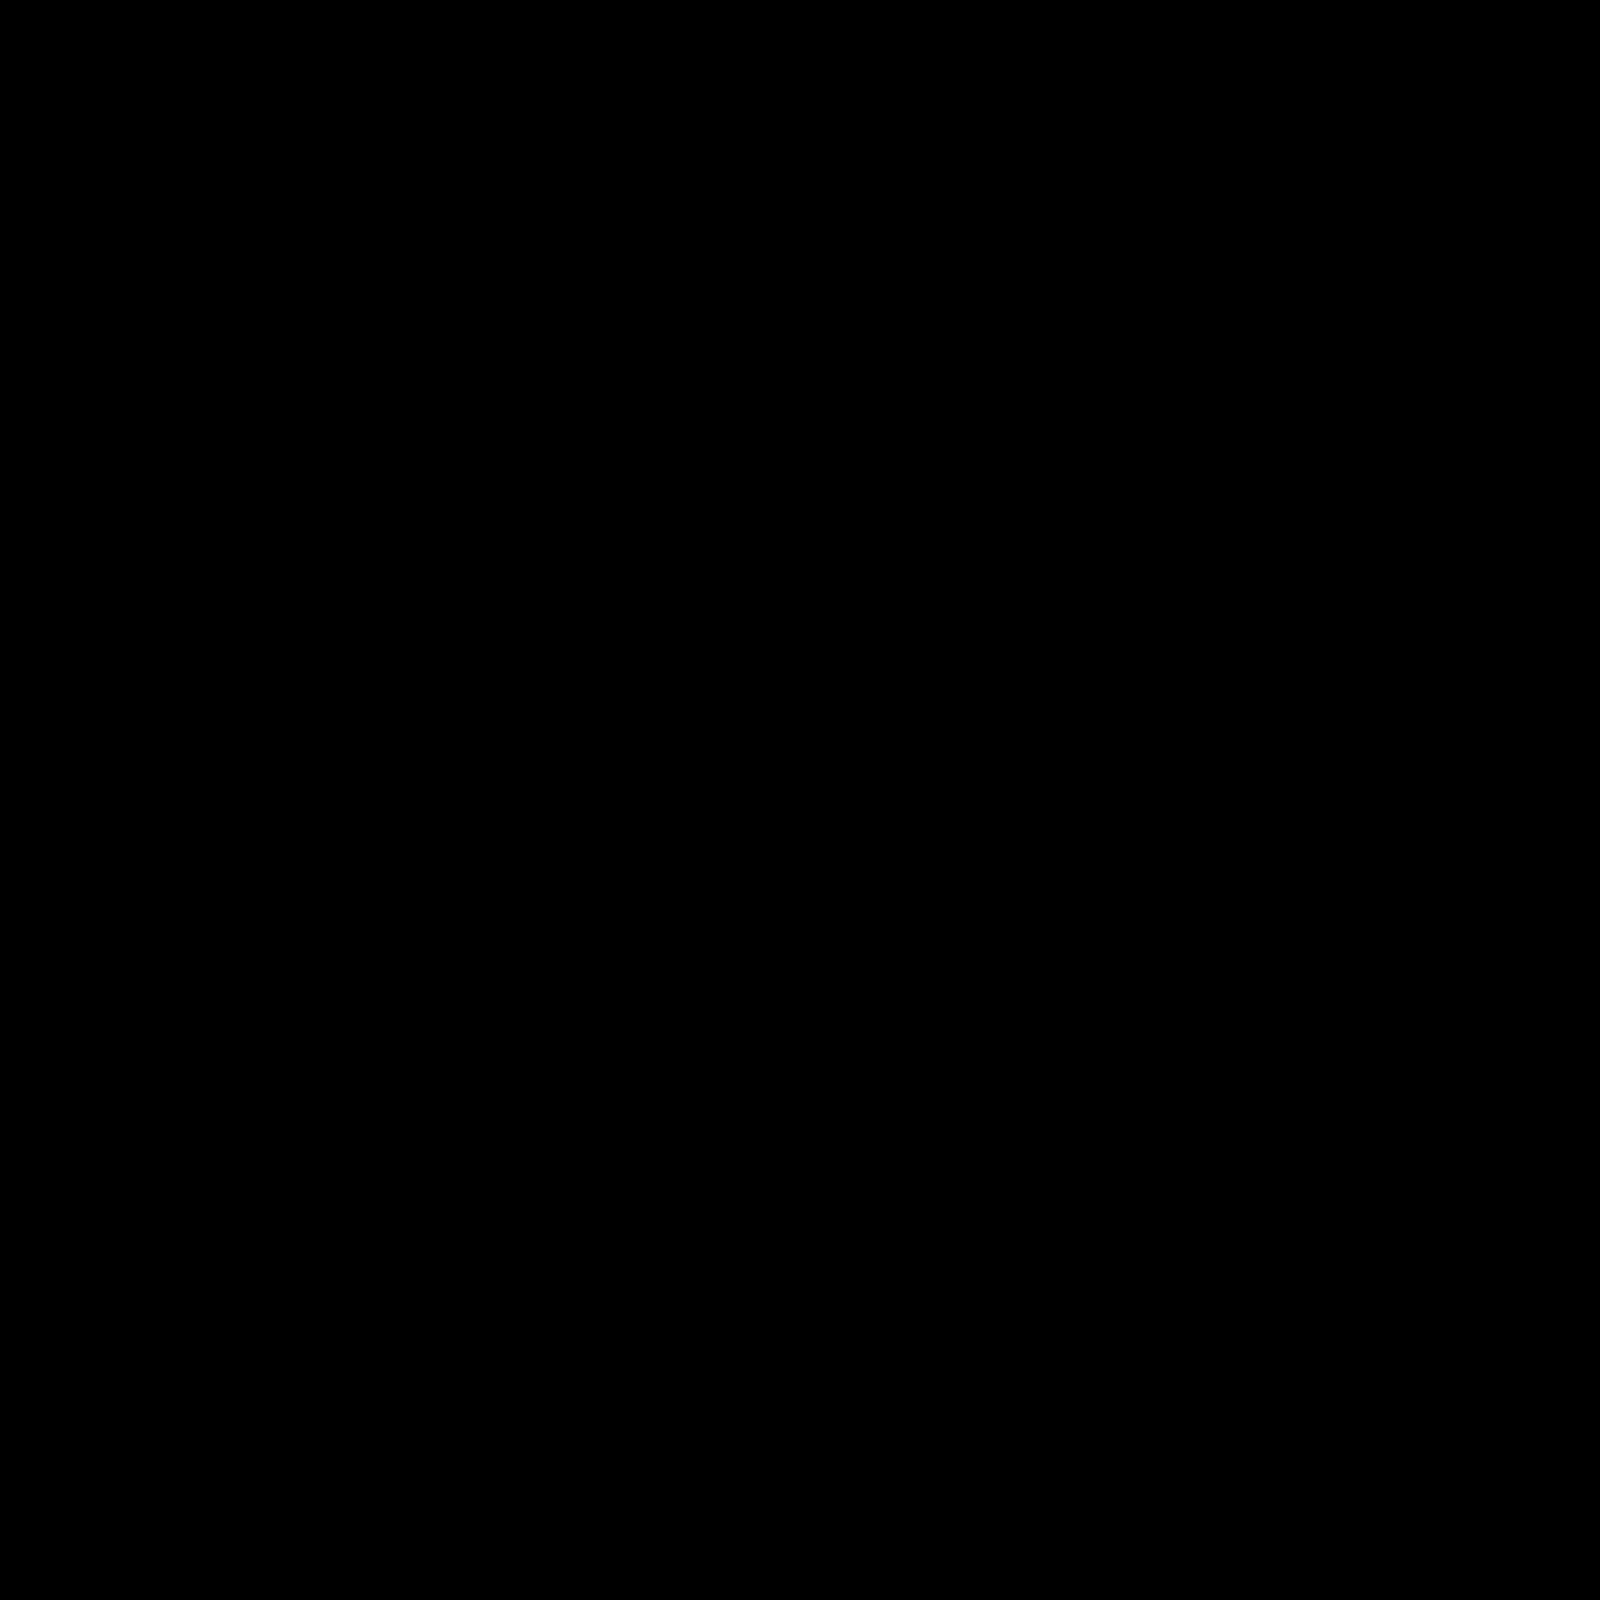 1600x1600 Fist Icon